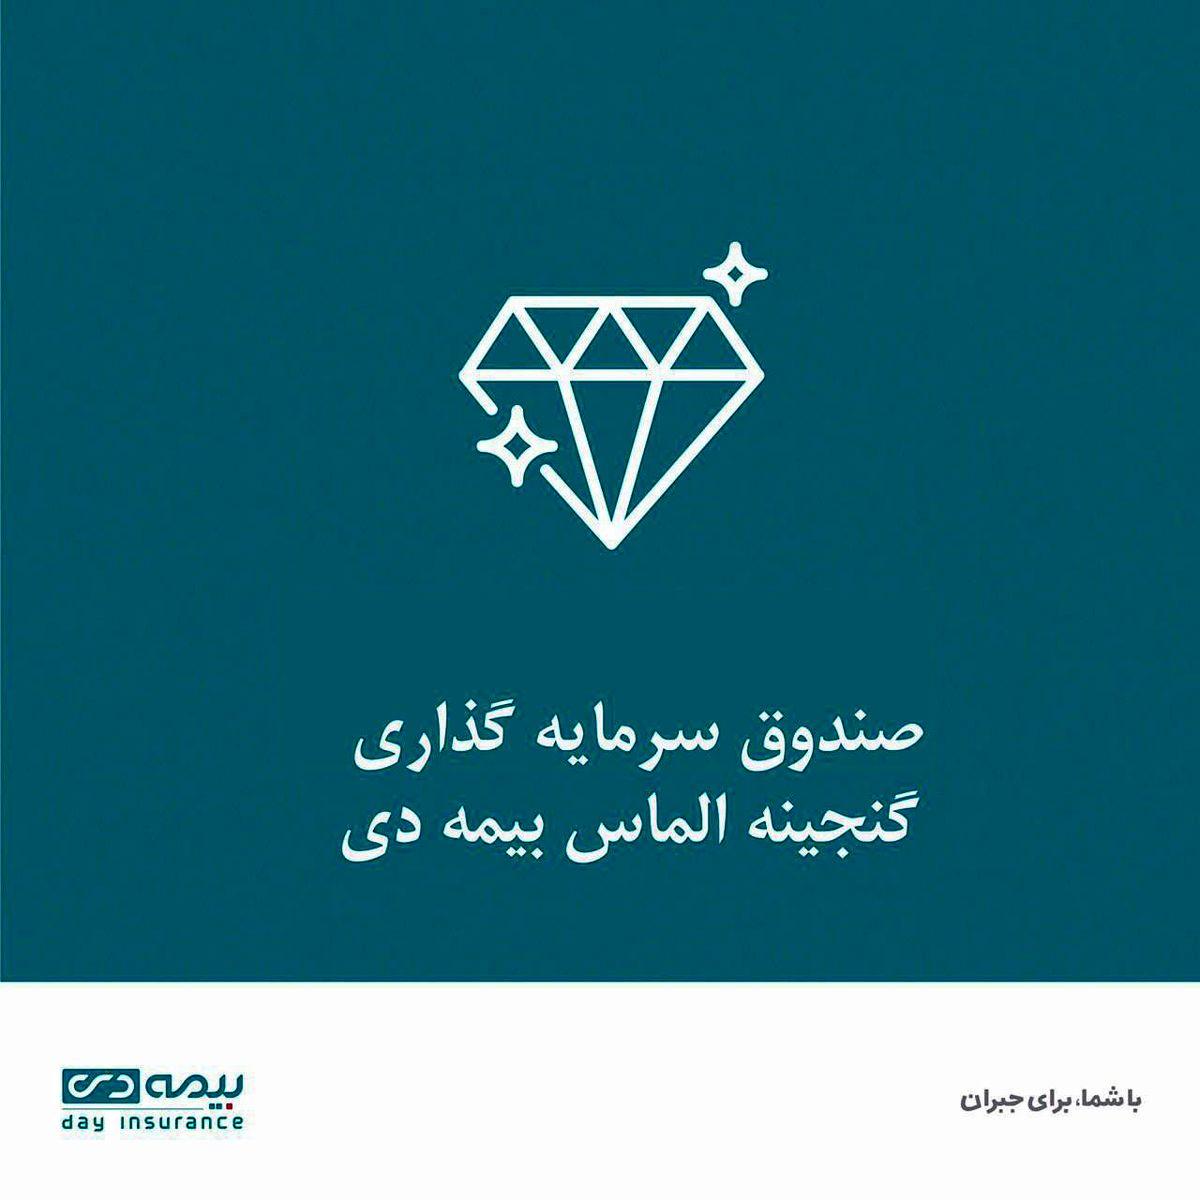 صندوق گنجینه الماس بیمه دی رتبه نخست را کسب کرد